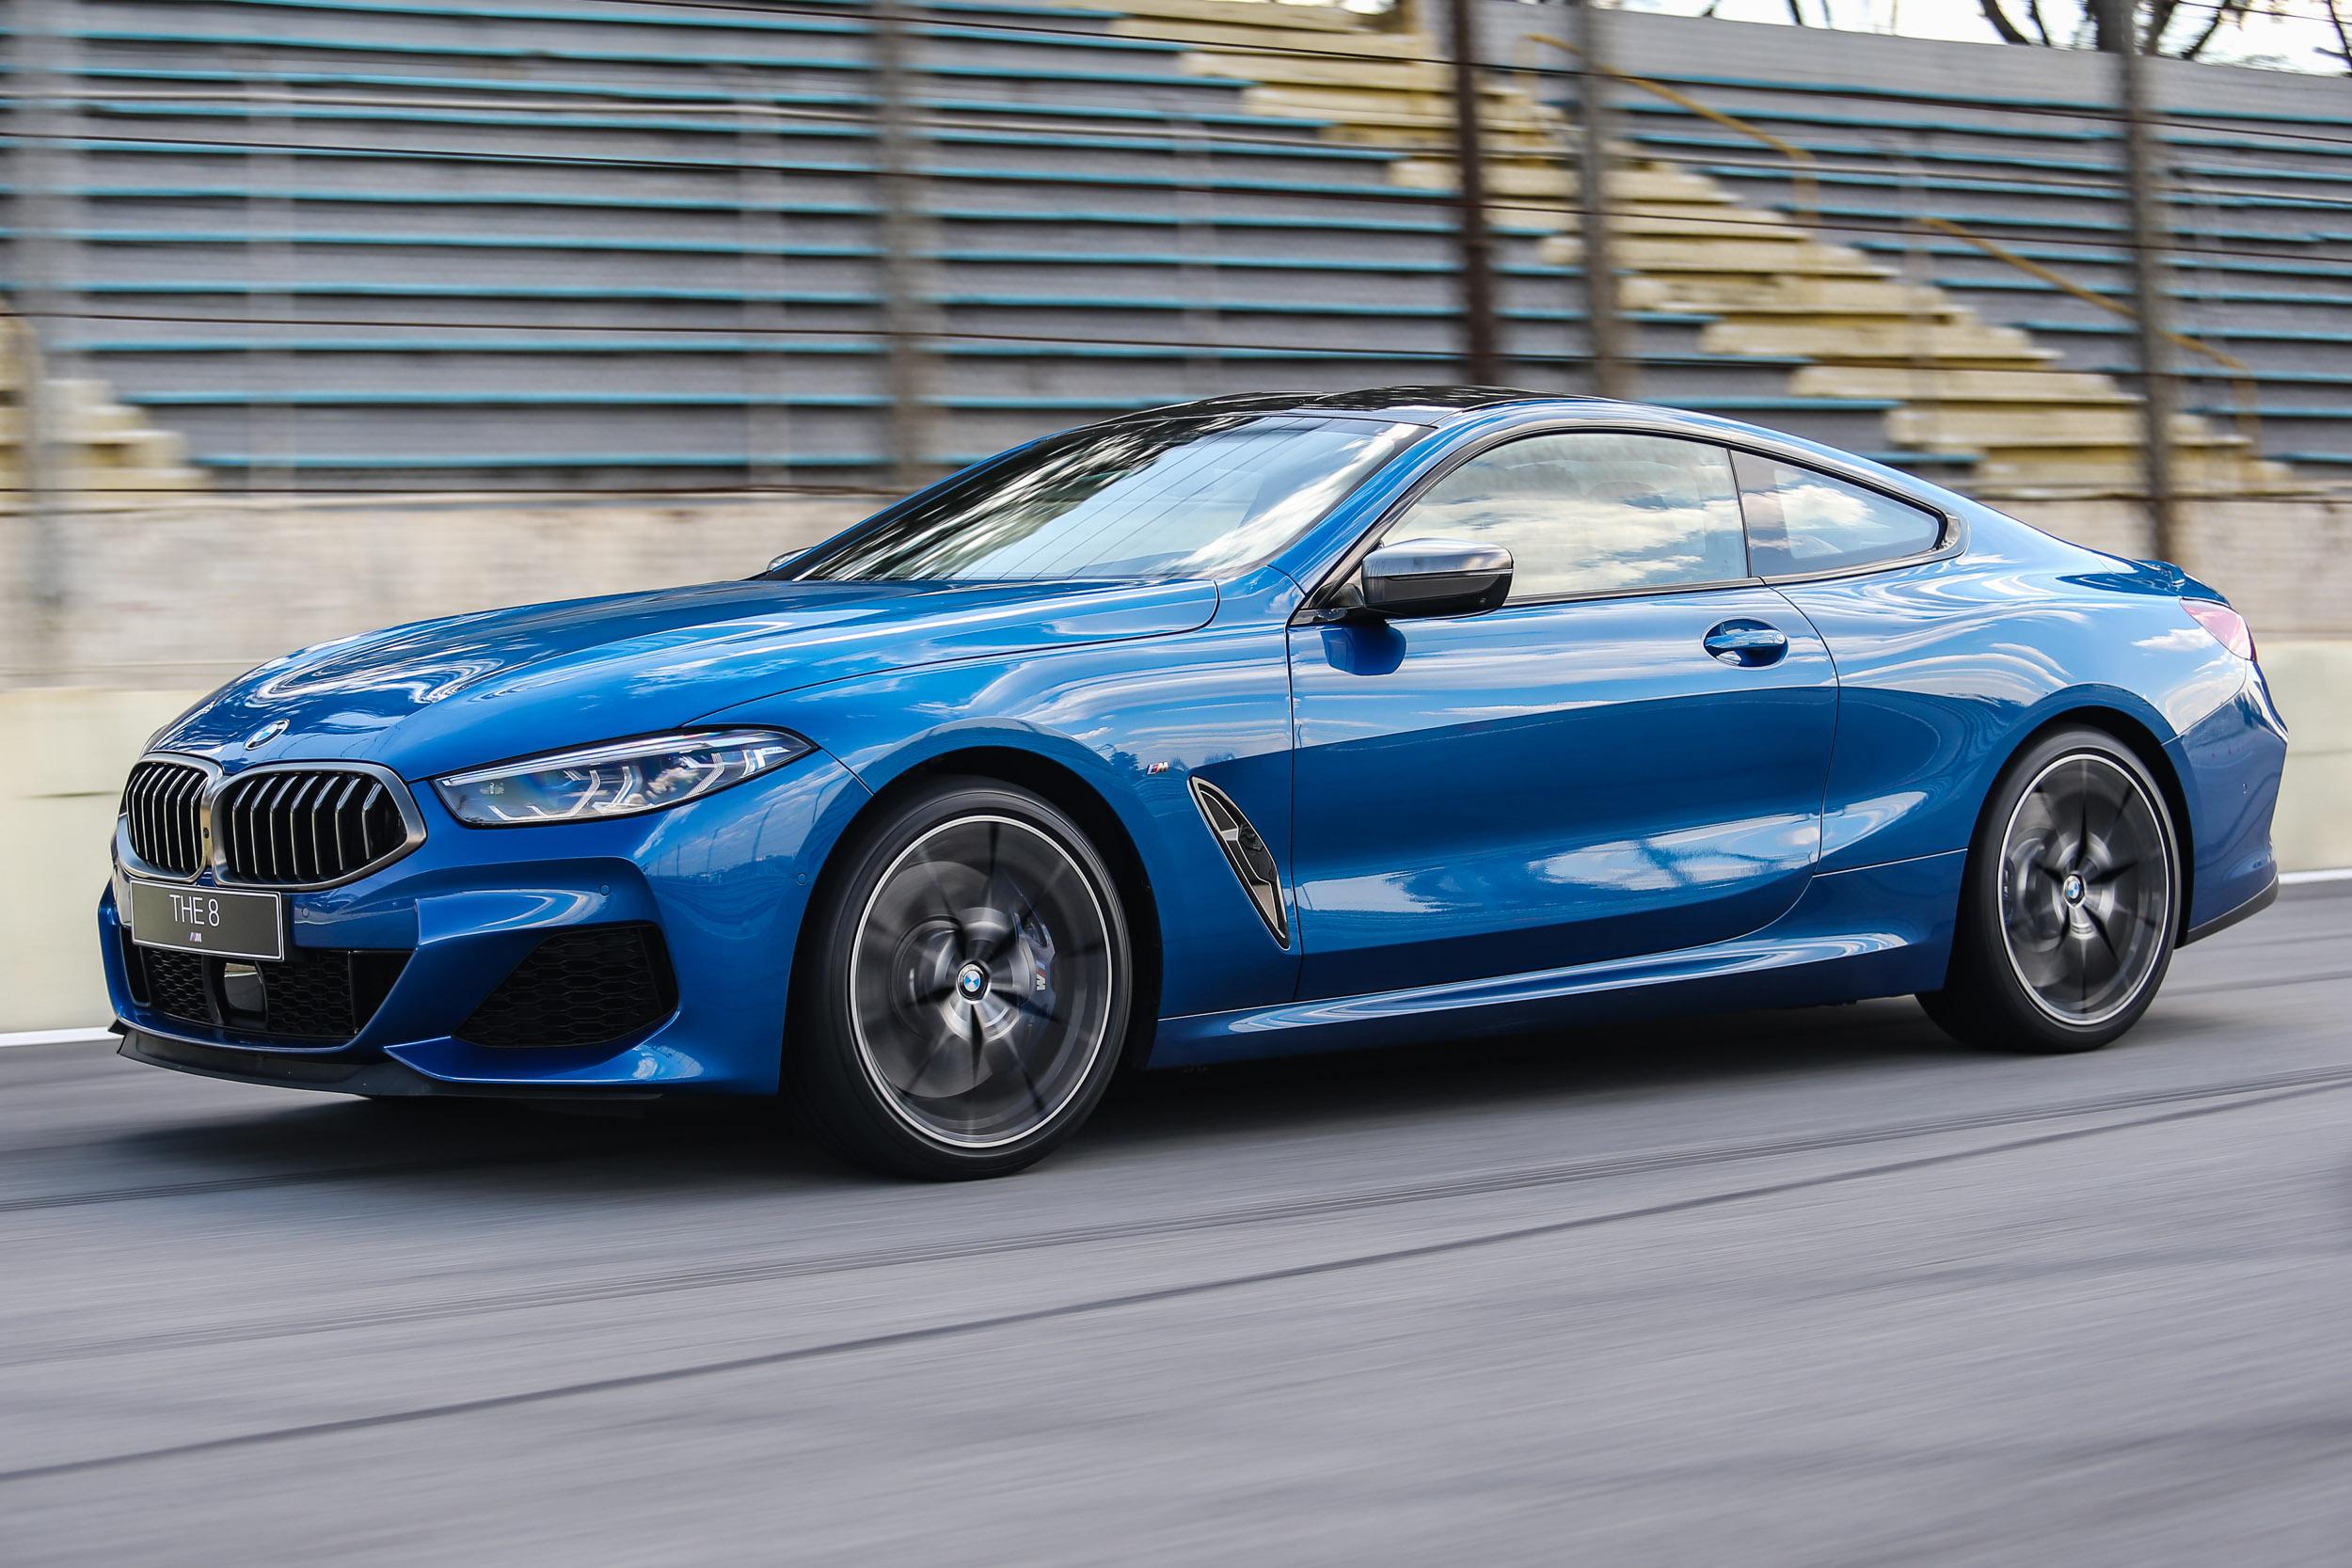 BMW M850i xDrive acelera de 0 a100 km/h em 3,7 segundos